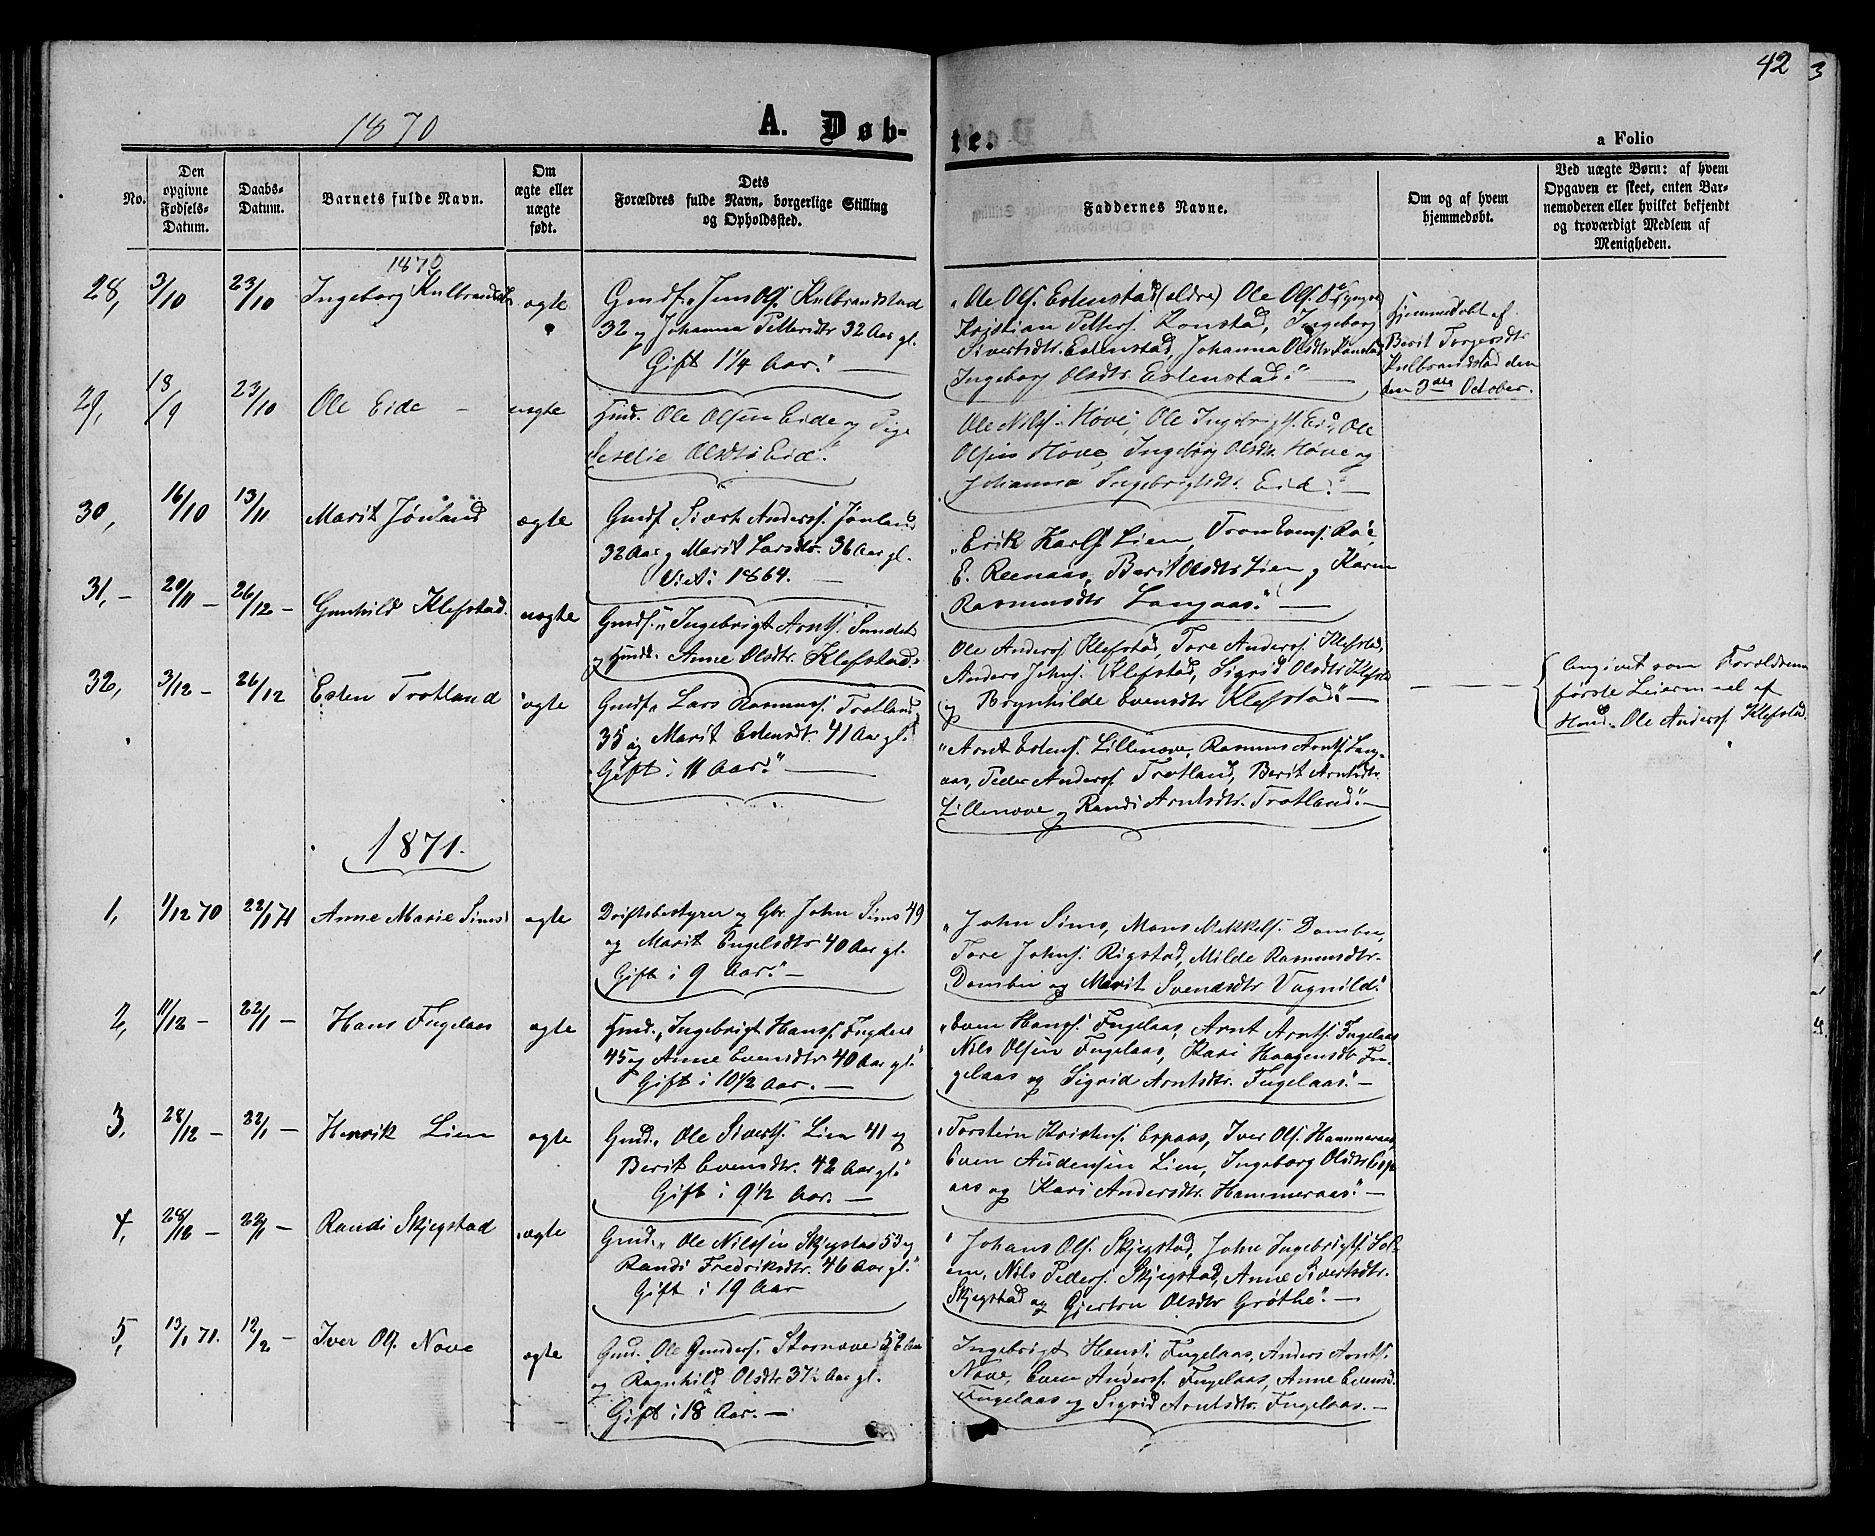 SAT, Ministerialprotokoller, klokkerbøker og fødselsregistre - Sør-Trøndelag, 694/L1131: Klokkerbok nr. 694C03, 1858-1886, s. 42